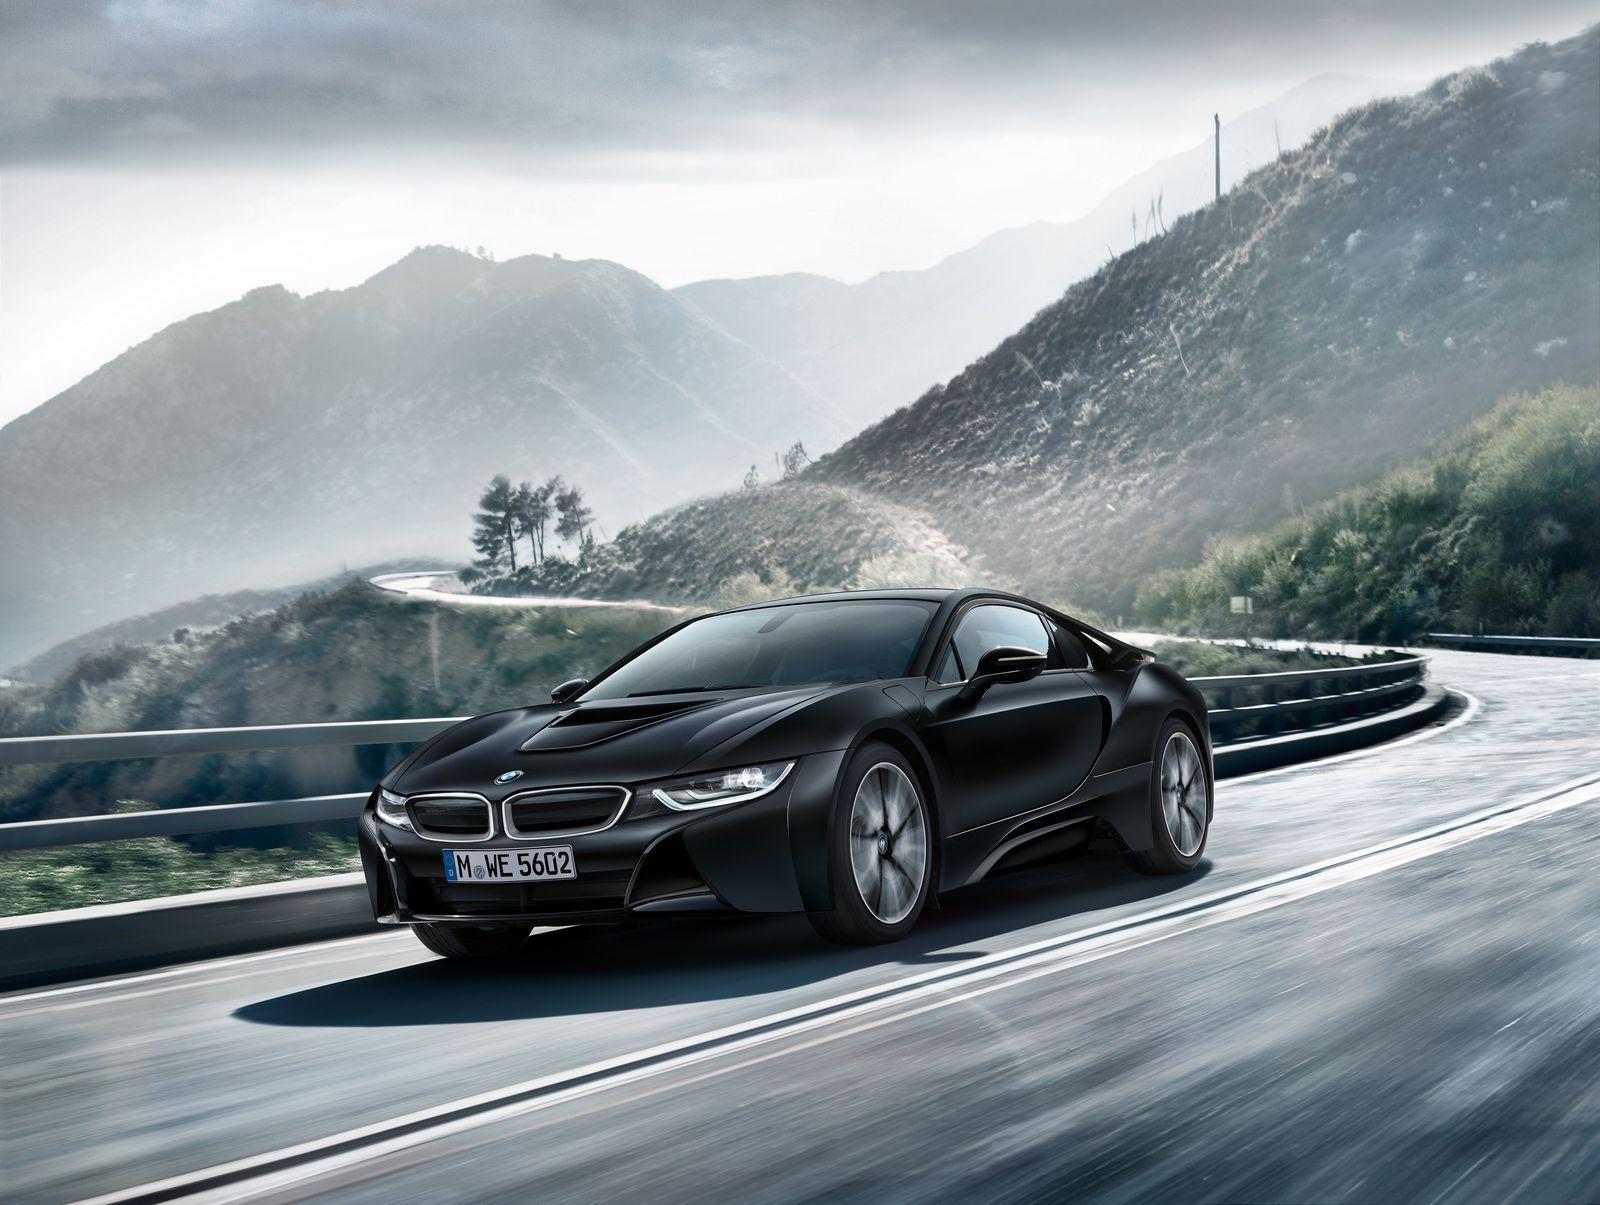 2013 - [BMW] i8 [i12] - Page 22 BMW%2Bi8%2BFrozen%2BBlack%2B6